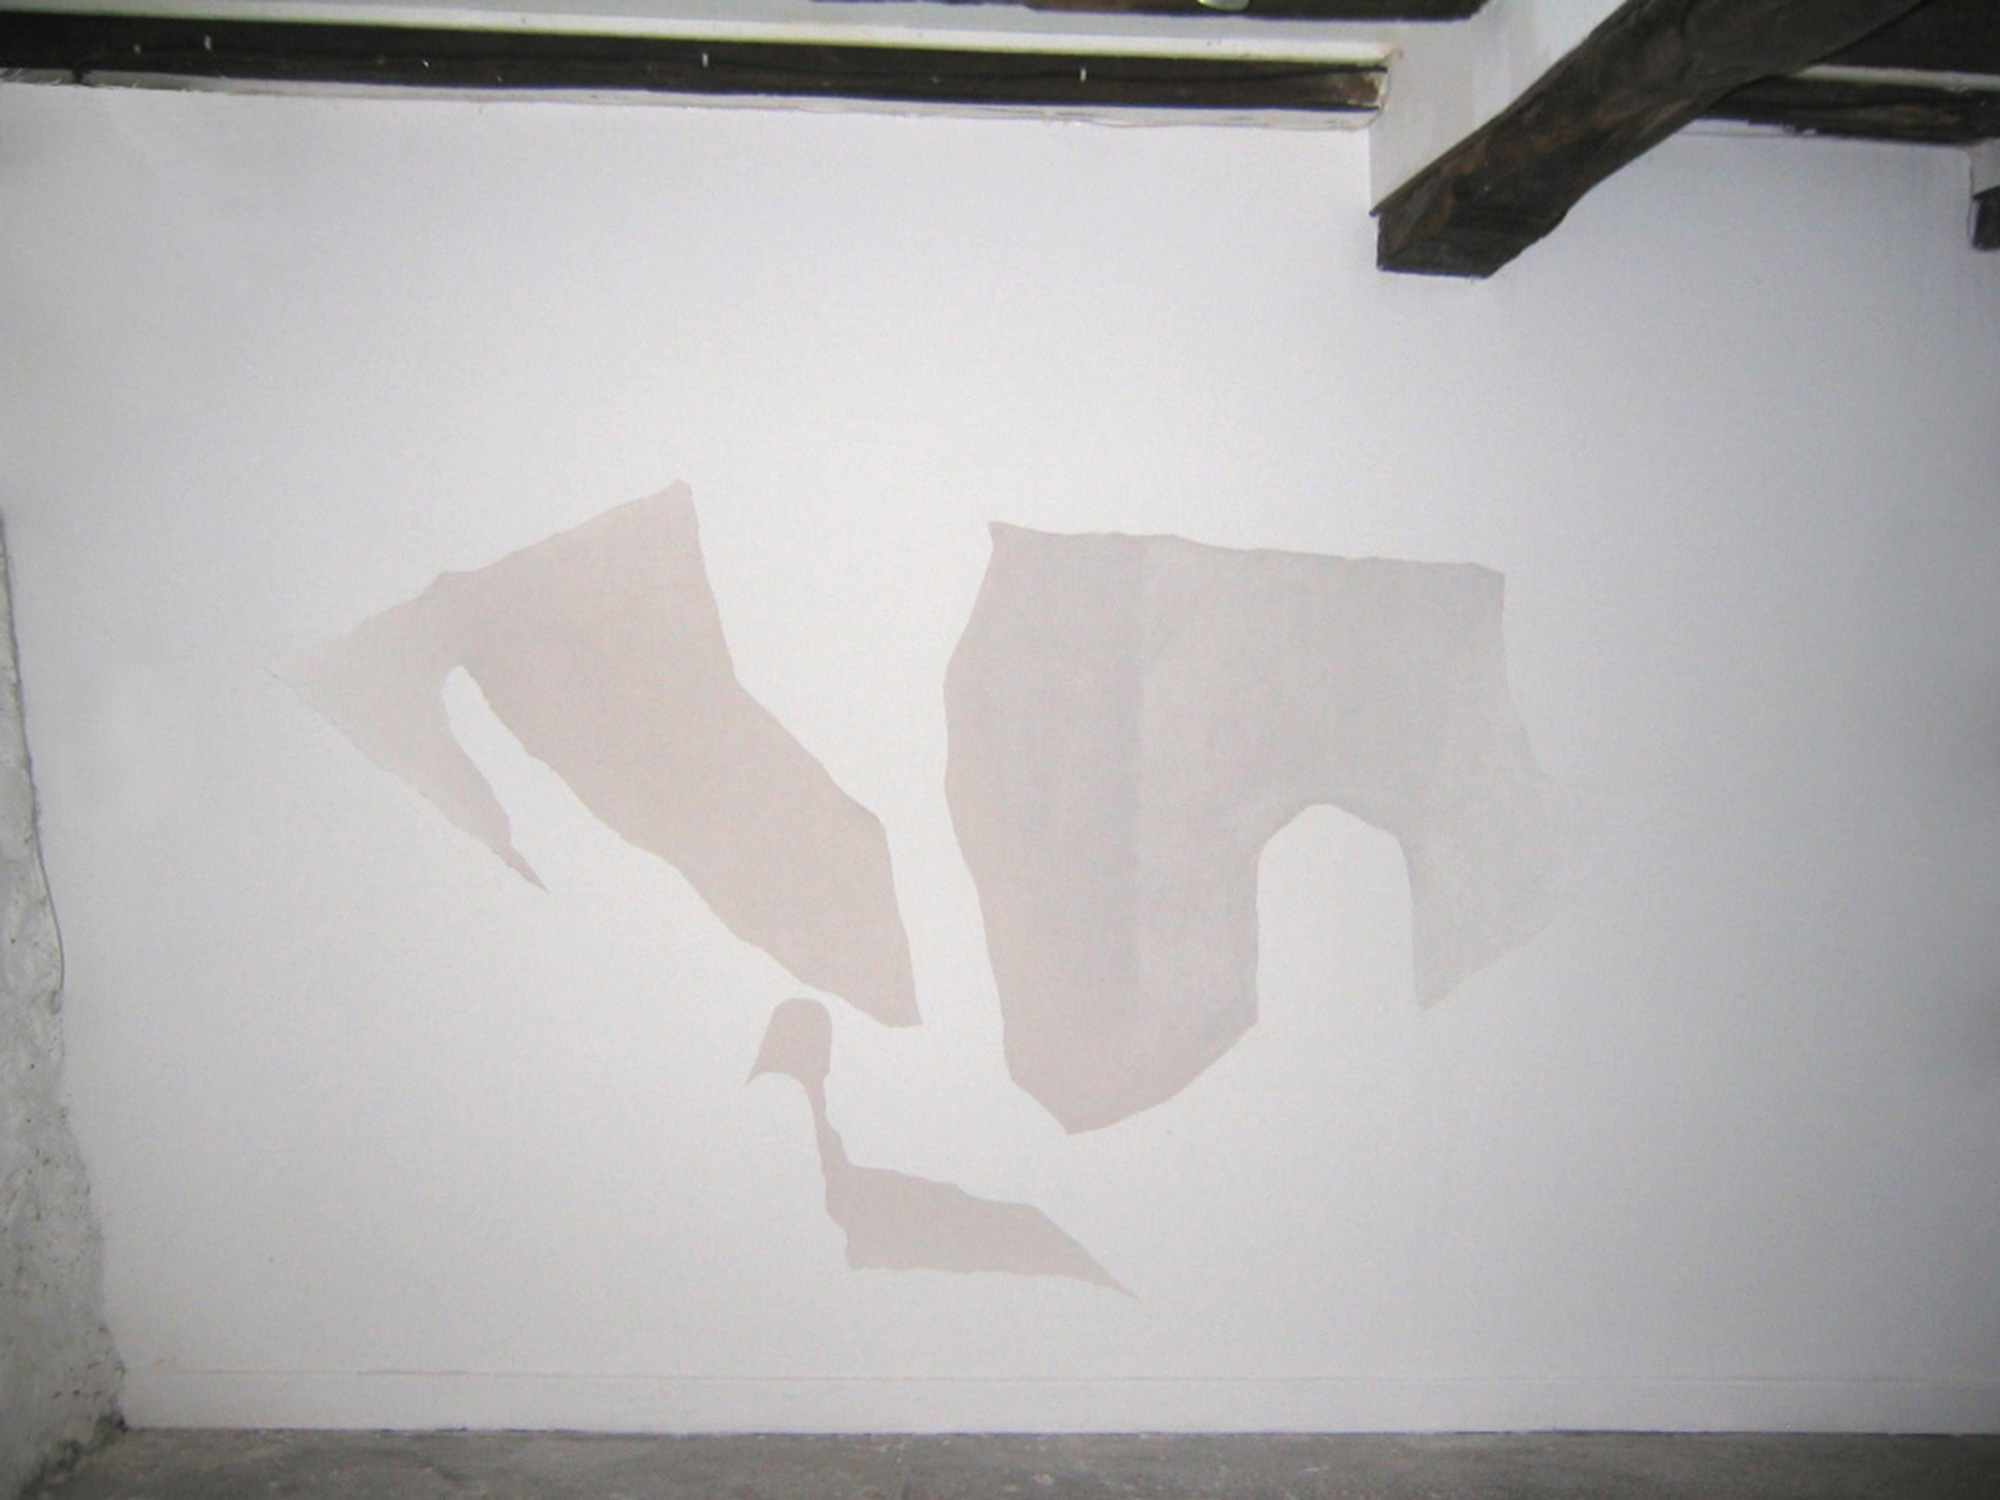 <i>Lieu dit</i>, 2006